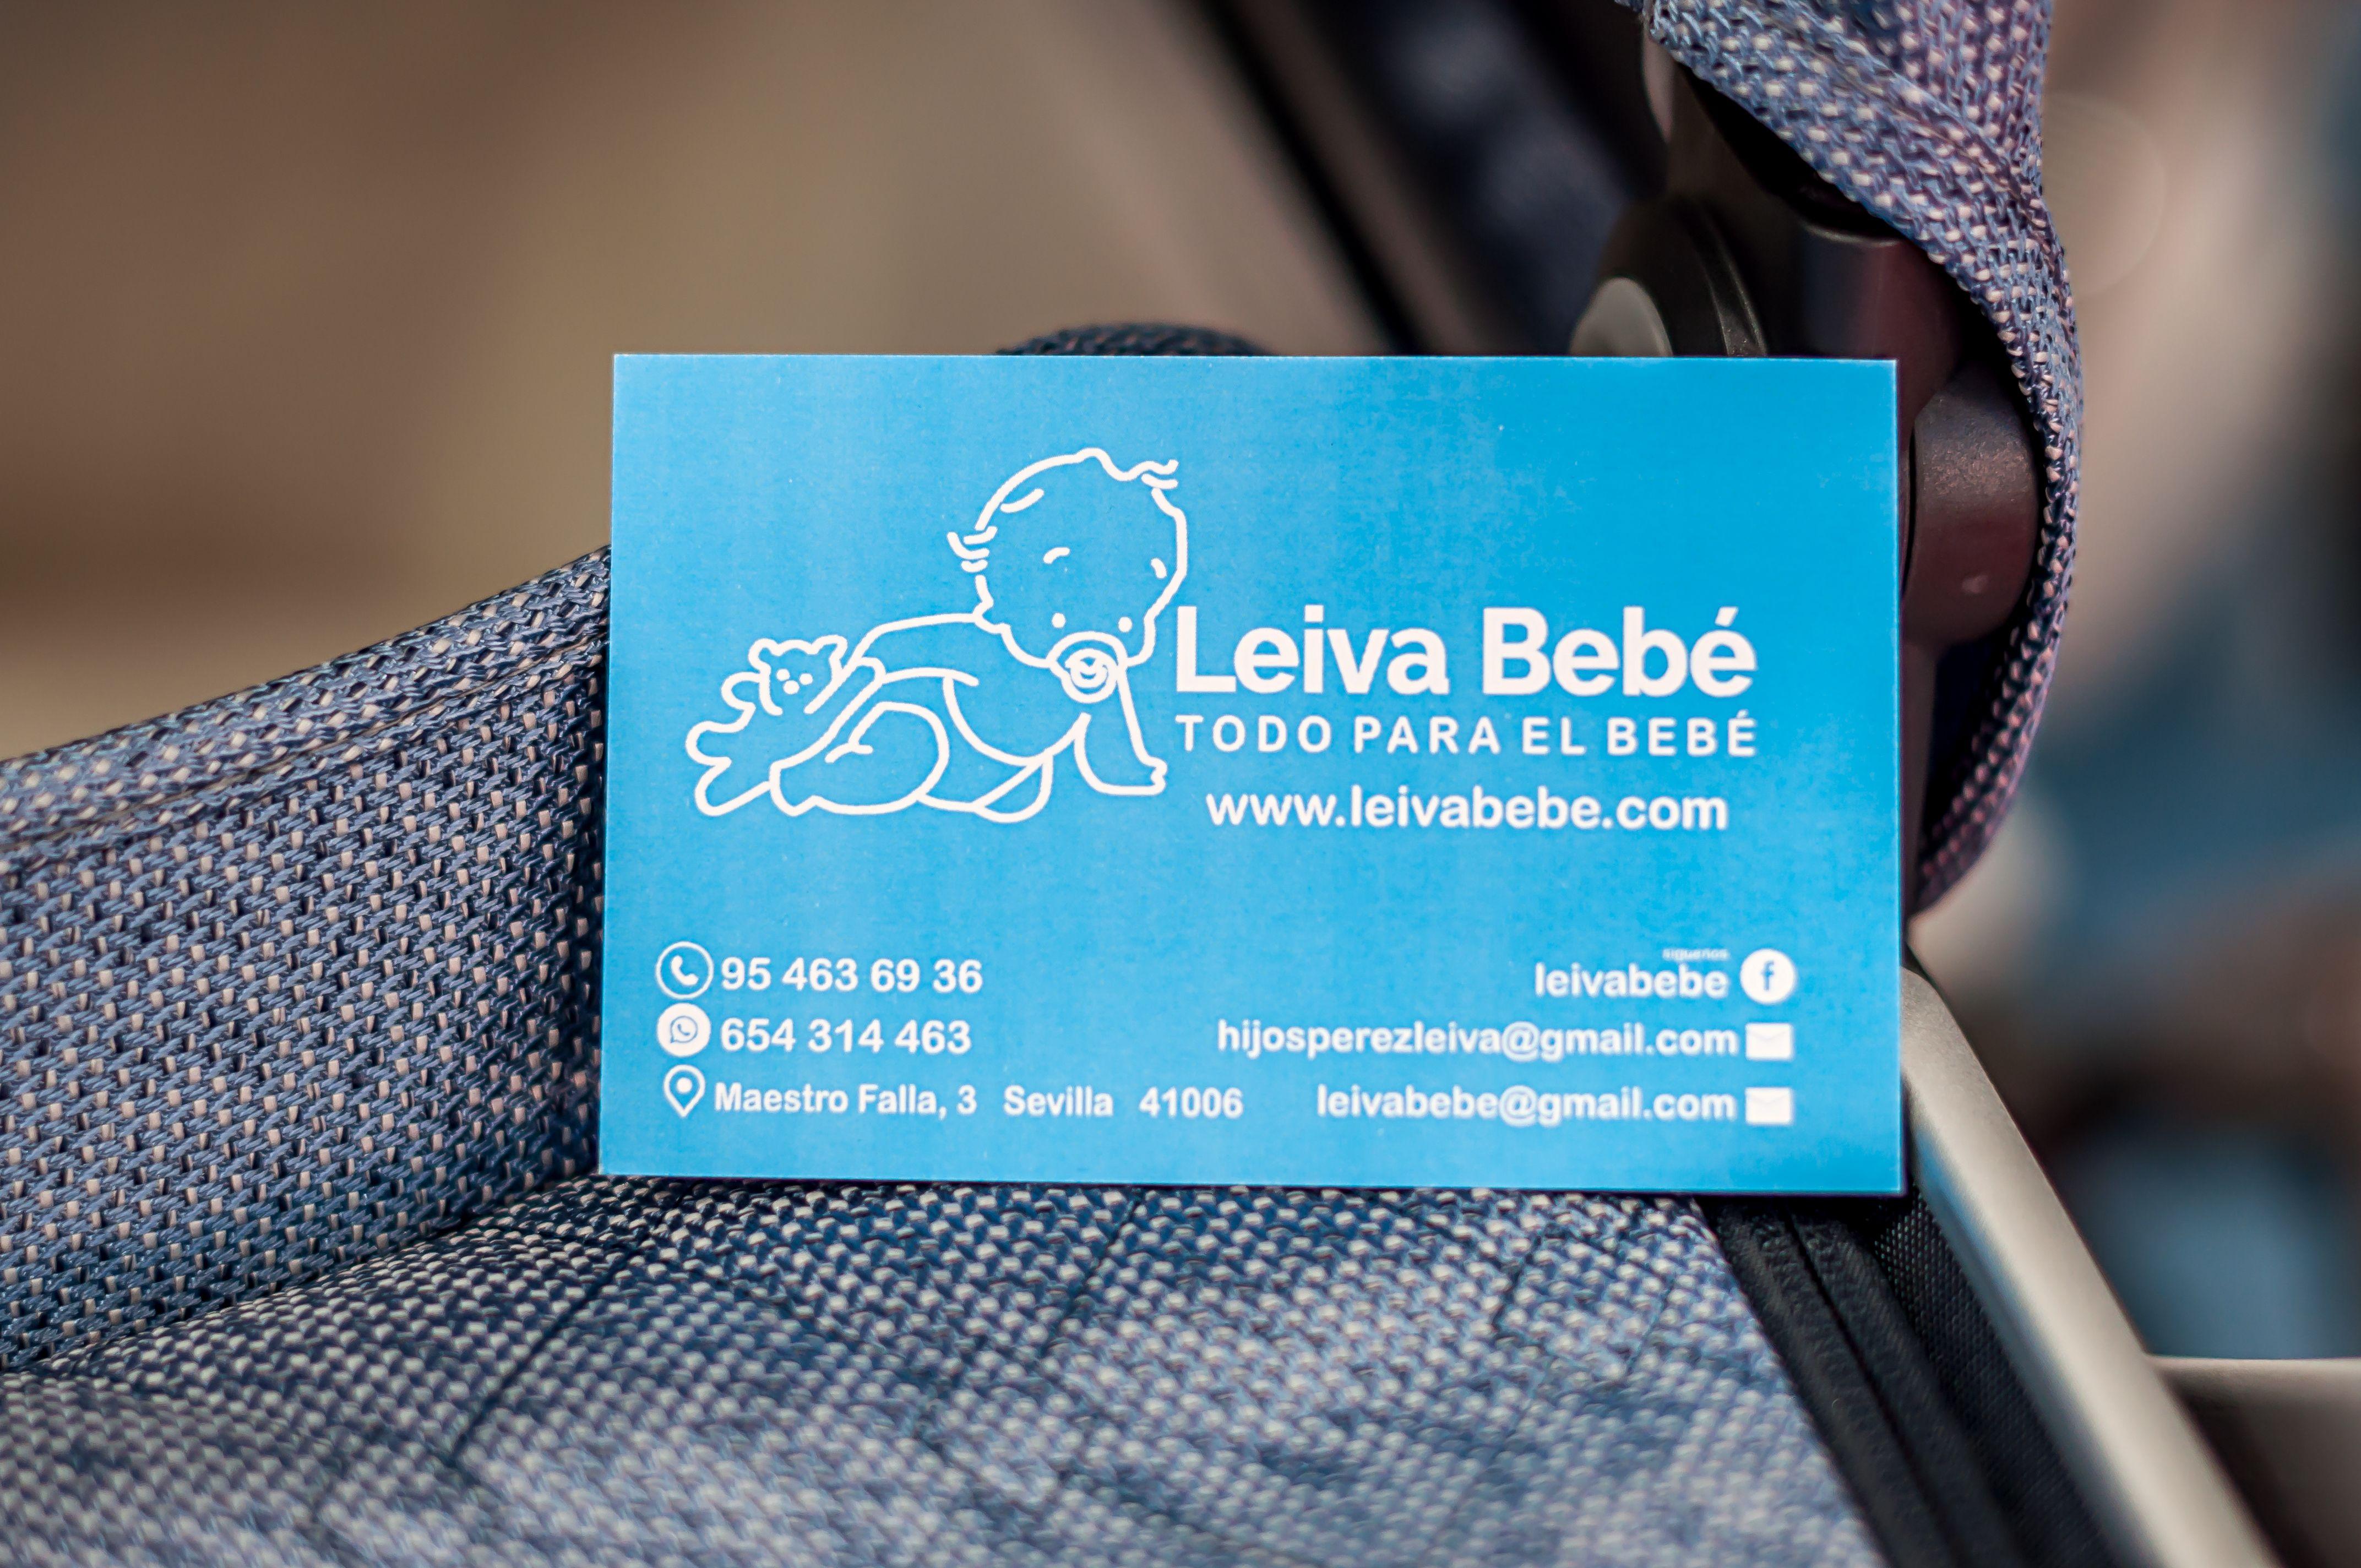 Foto 12 de Puericultura en general en Sevilla   Leiva Bebé